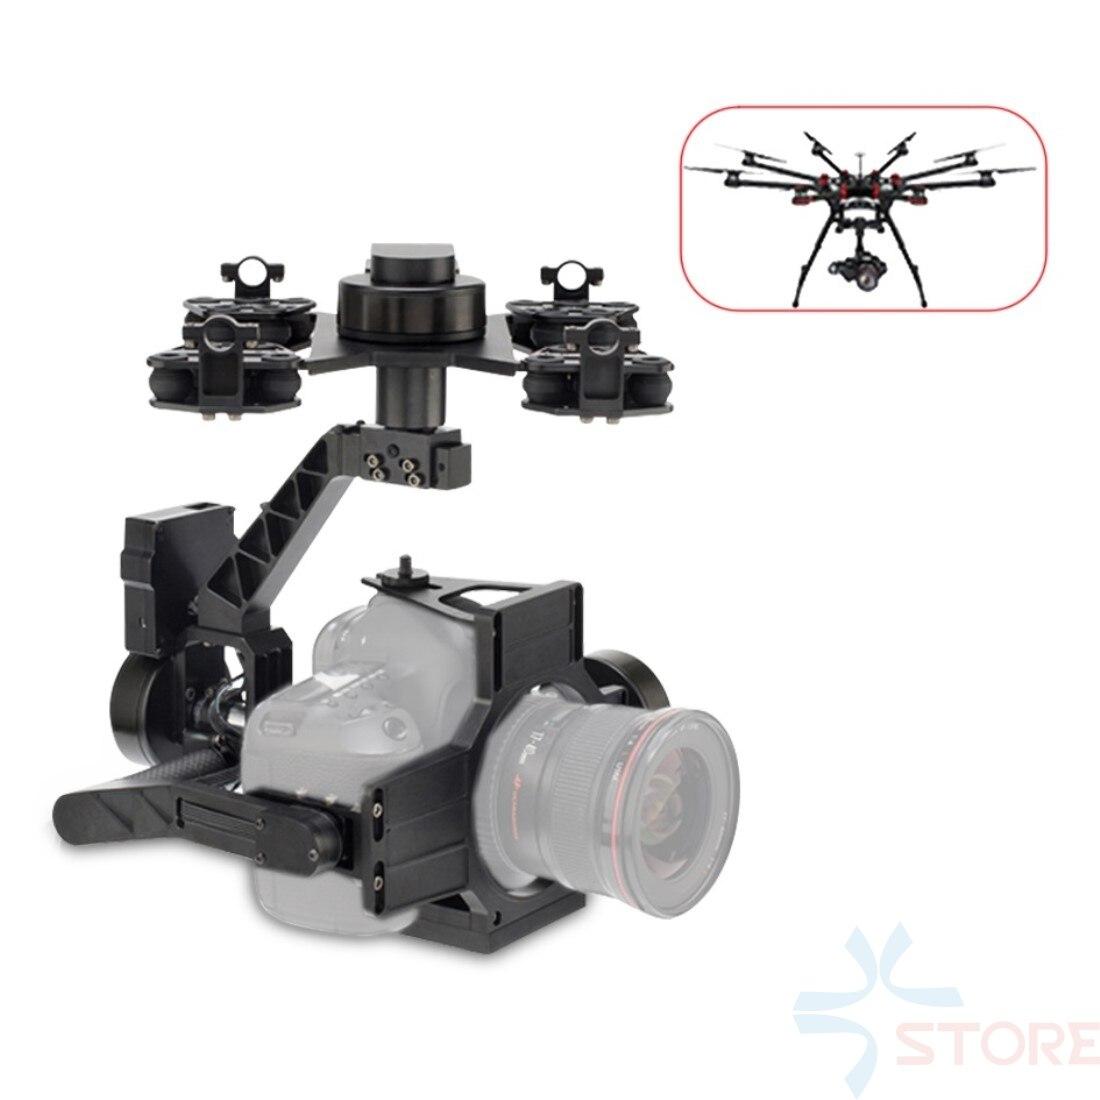 Nouveau support de caméra à cardan aéronef sans pilote (UAV) 3 axes pour photographie aérienne pour Film vidéo DSLR Canon 5D3 Nikon D800 GH4 Sony A7/NEX5 A5100 6000 A7S